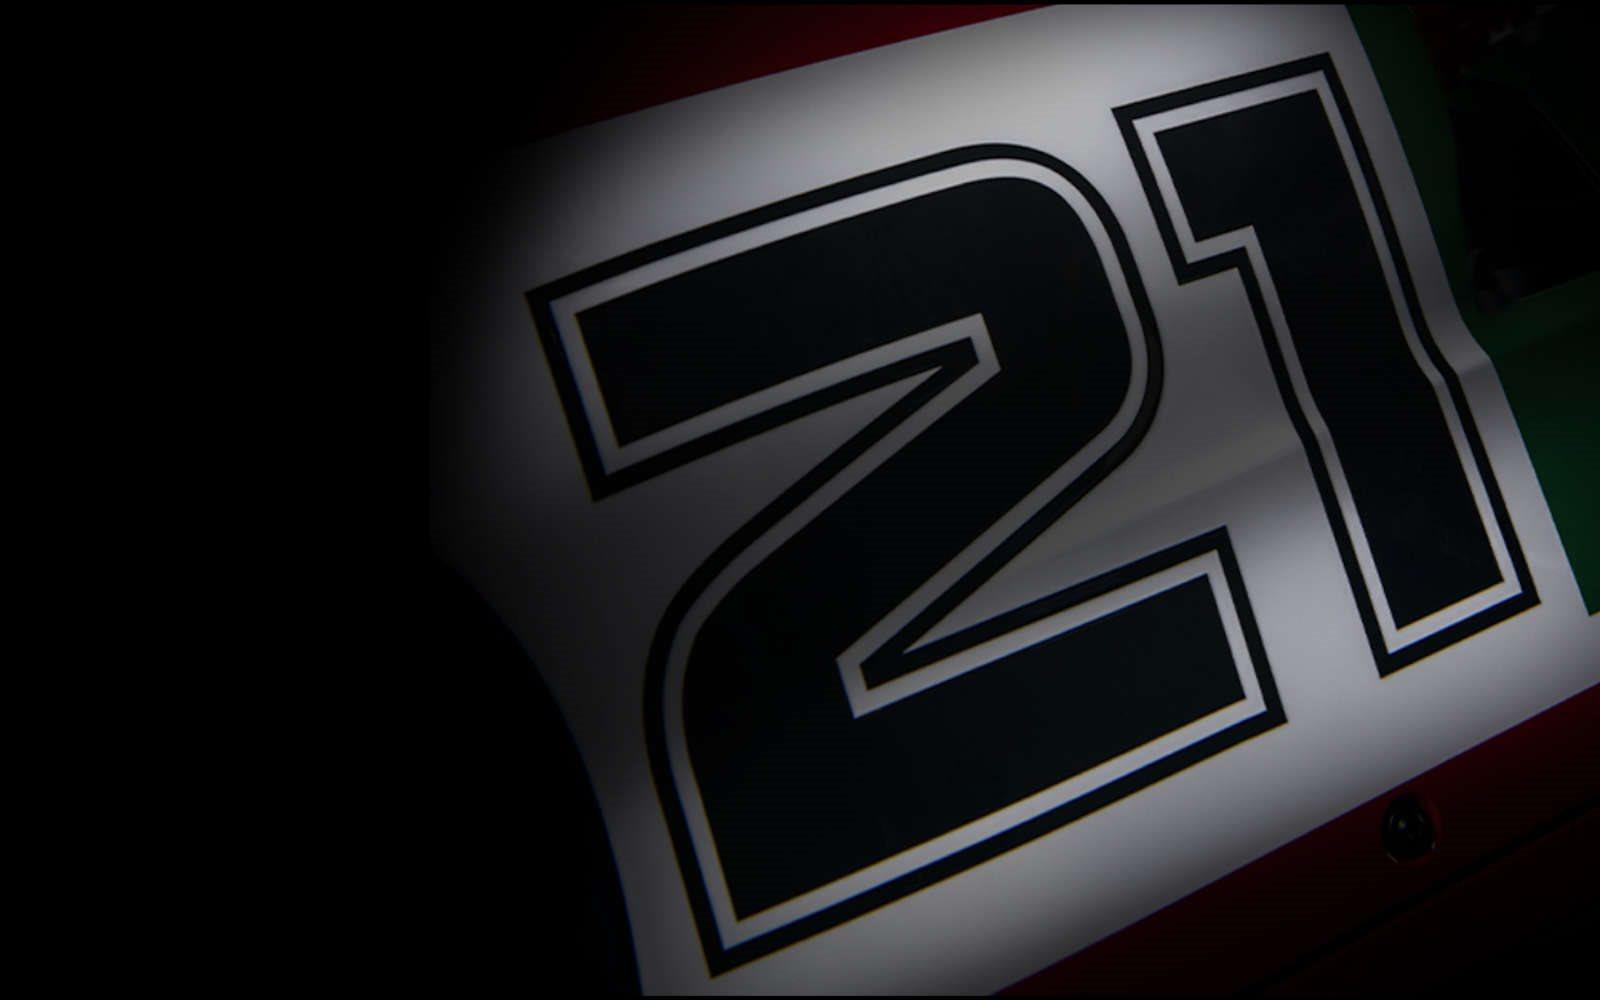 El jueves 22 de julio a las 4 pm CEST, Ducati presentará una versión especial lista para emocionar a Ducatistas en todo el mundo. ¡Mantente al tanto!